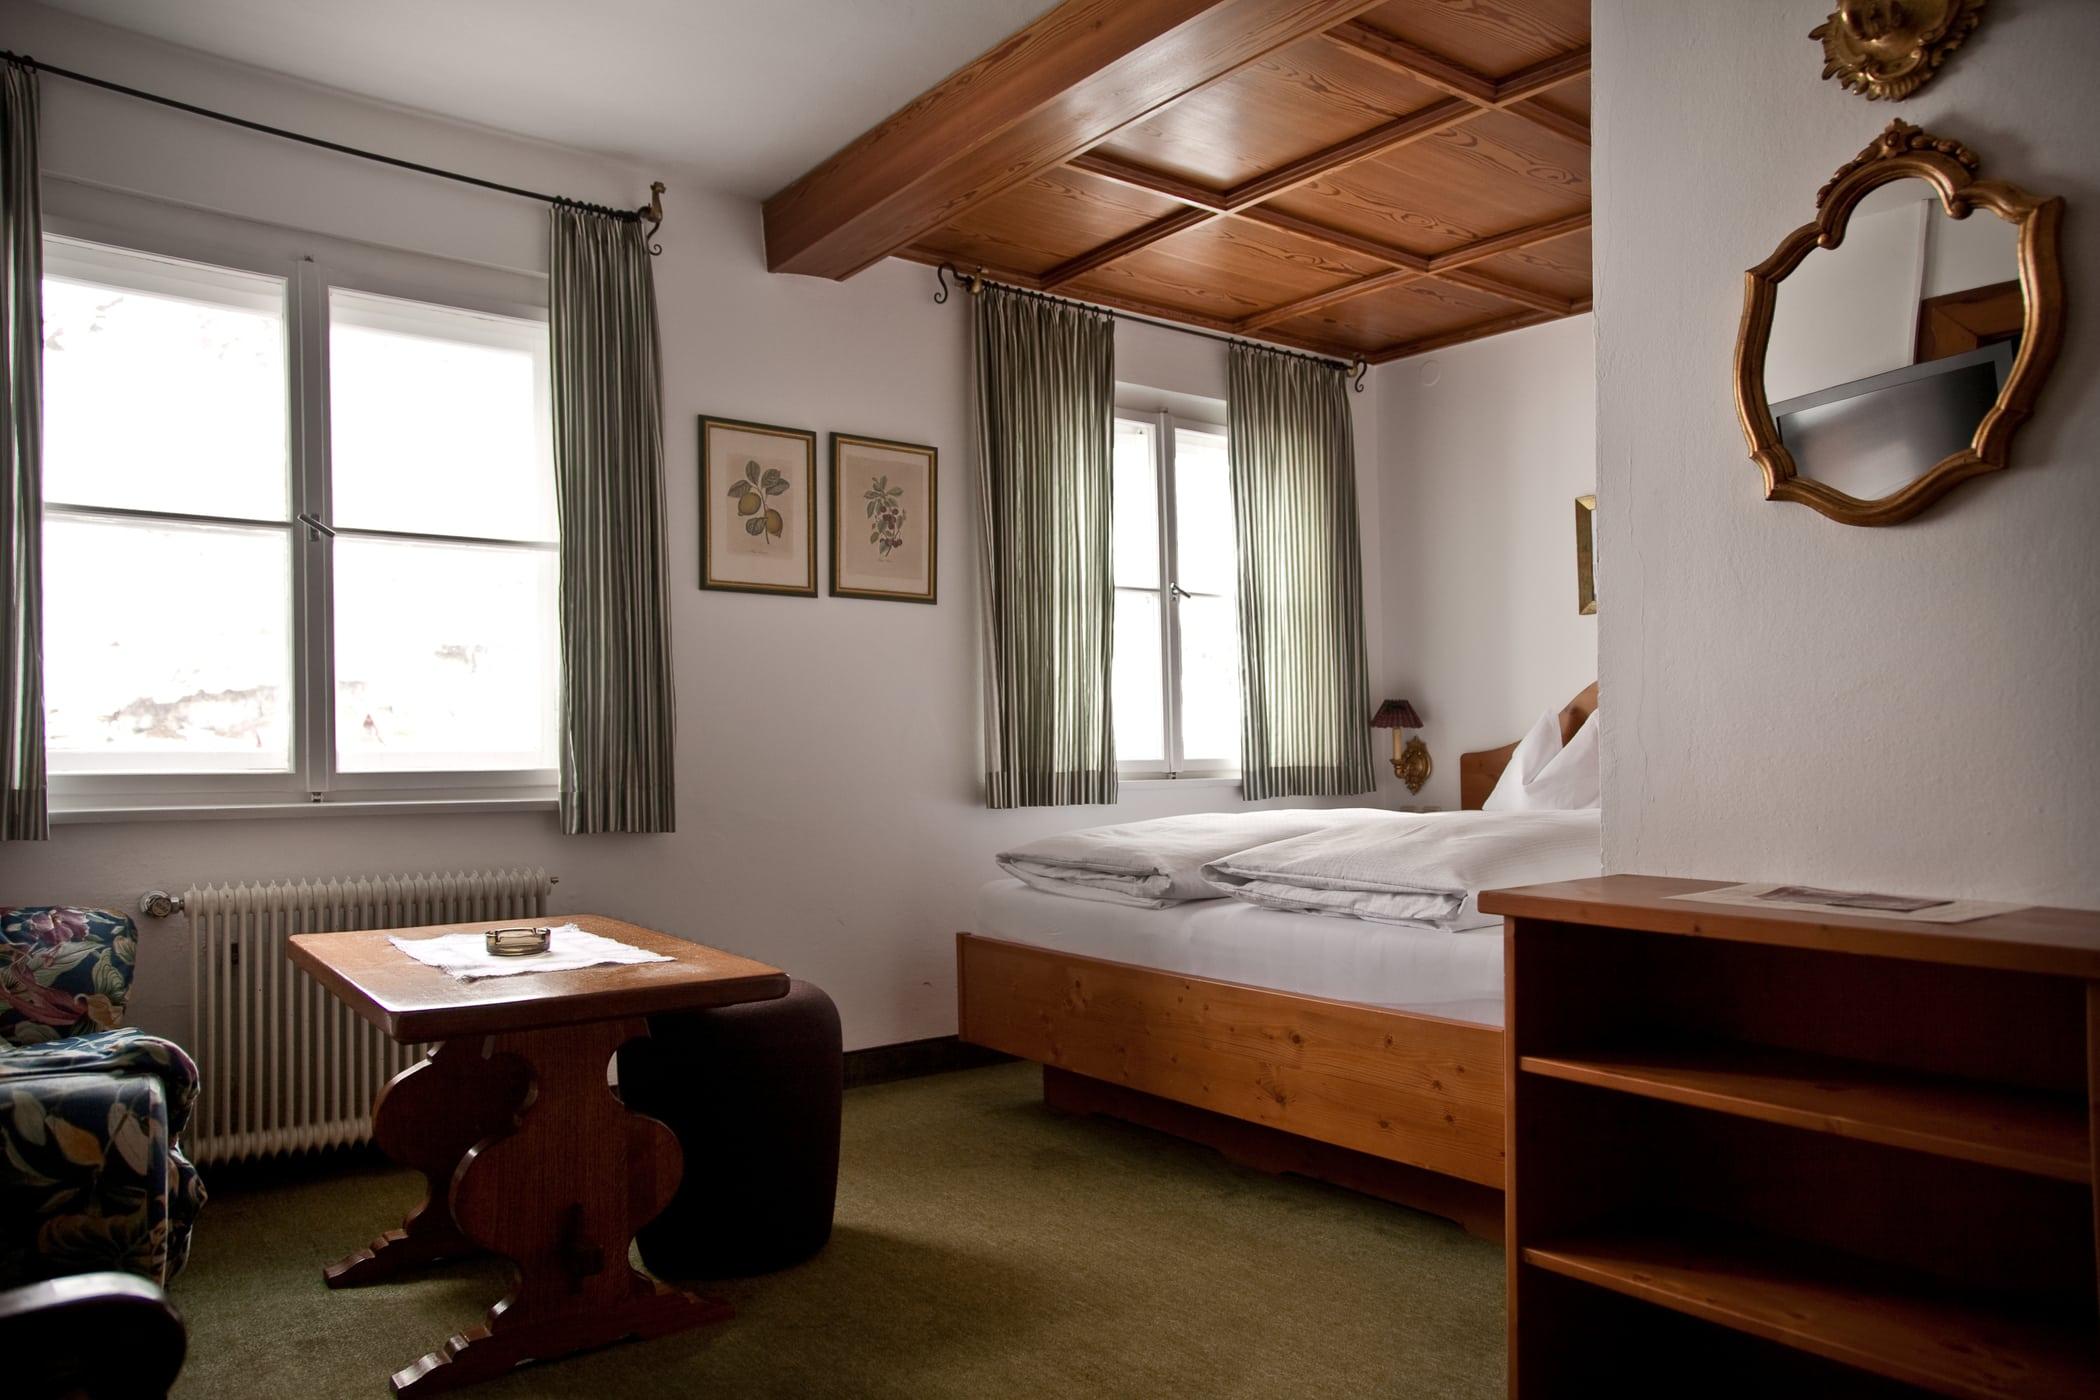 retro-3-details-schlafen-und-apres-ski-und-wohnen-hotel-flexen-zuers-am-arlberg